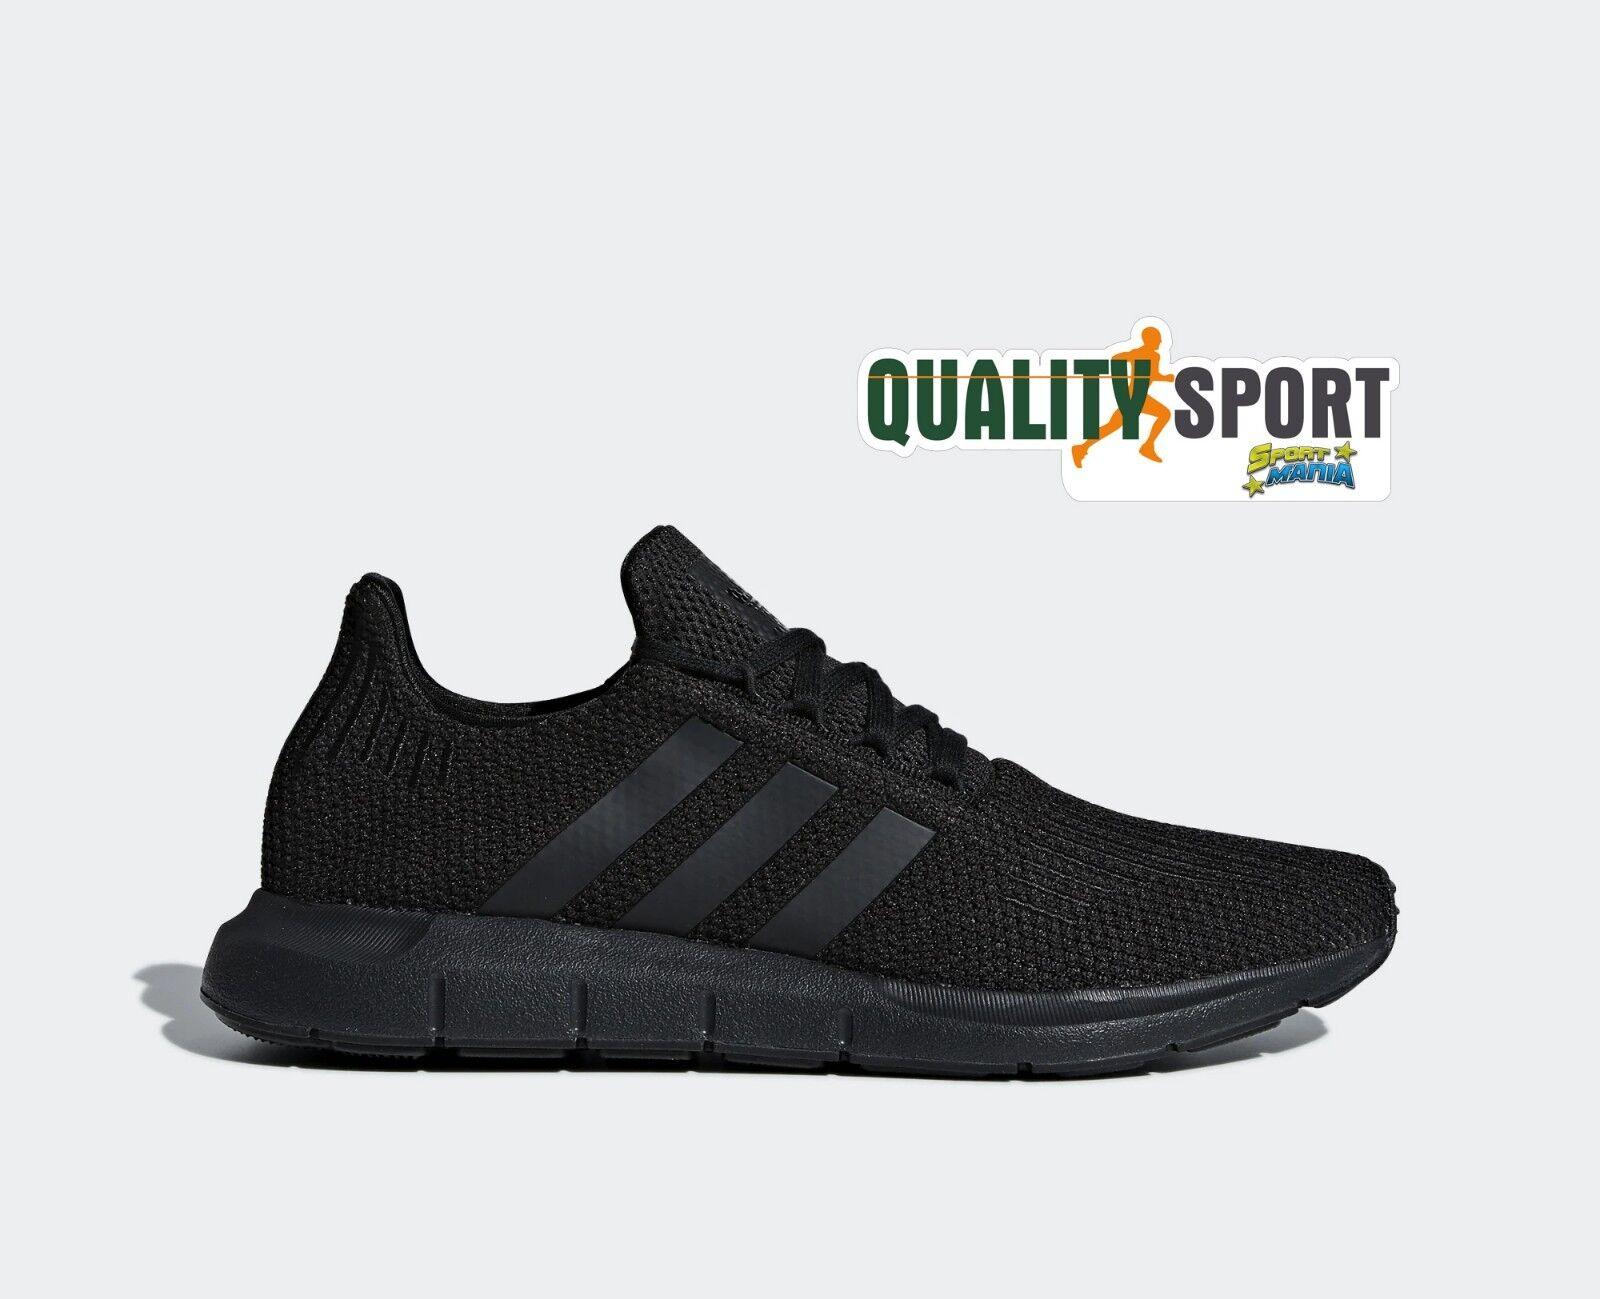 Adidas Swift Run negro zapatos zapatos hombres Sportive zapatillas AQ0863 2019